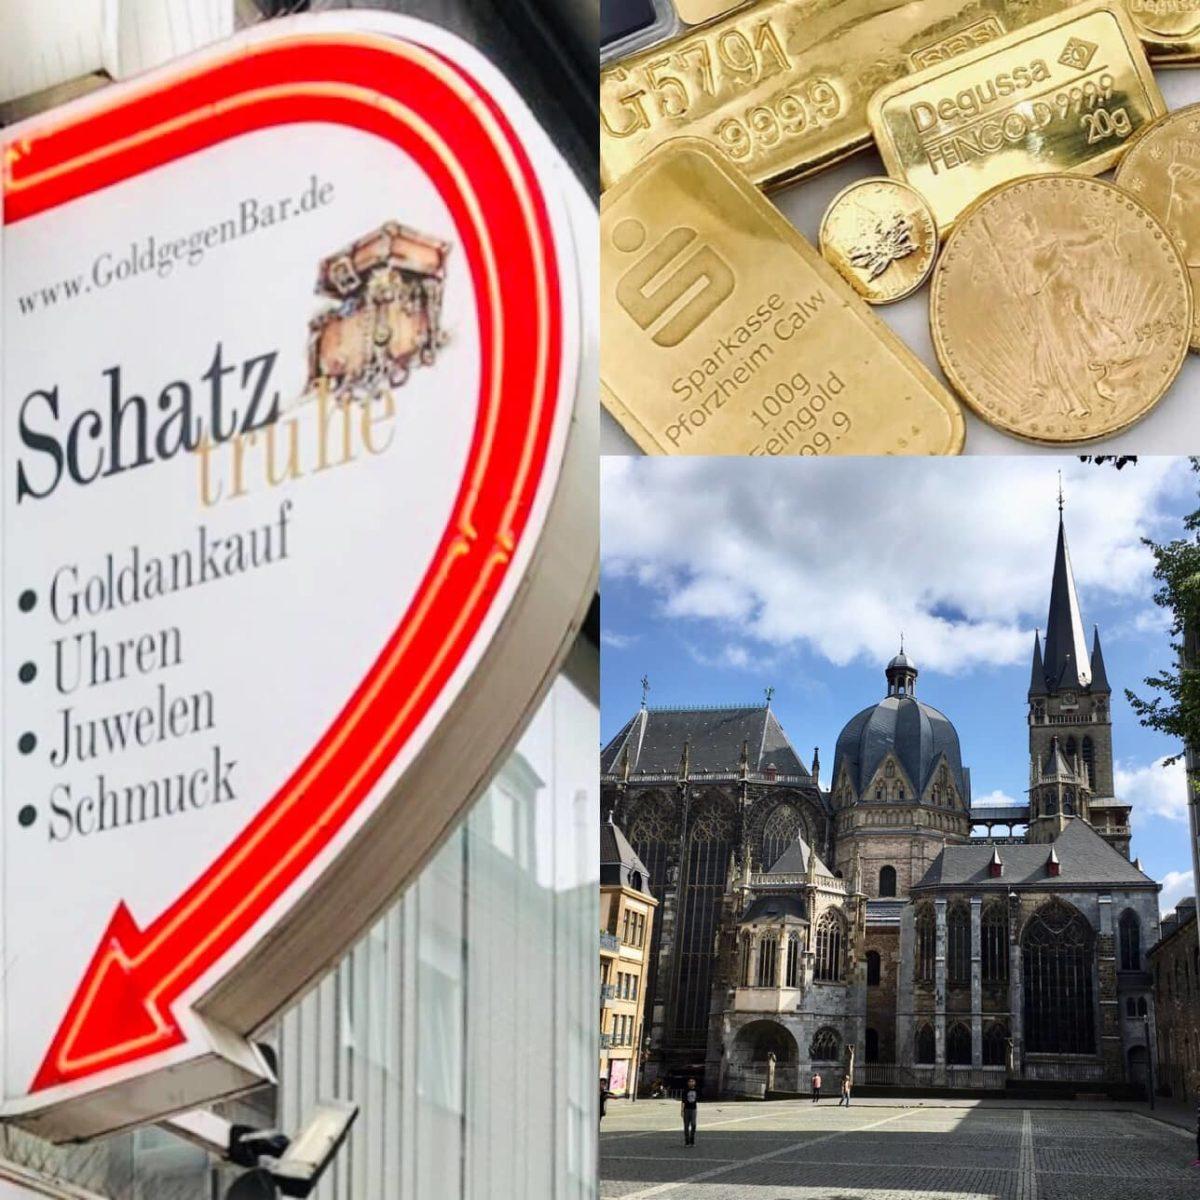 Goldankauf Aachen